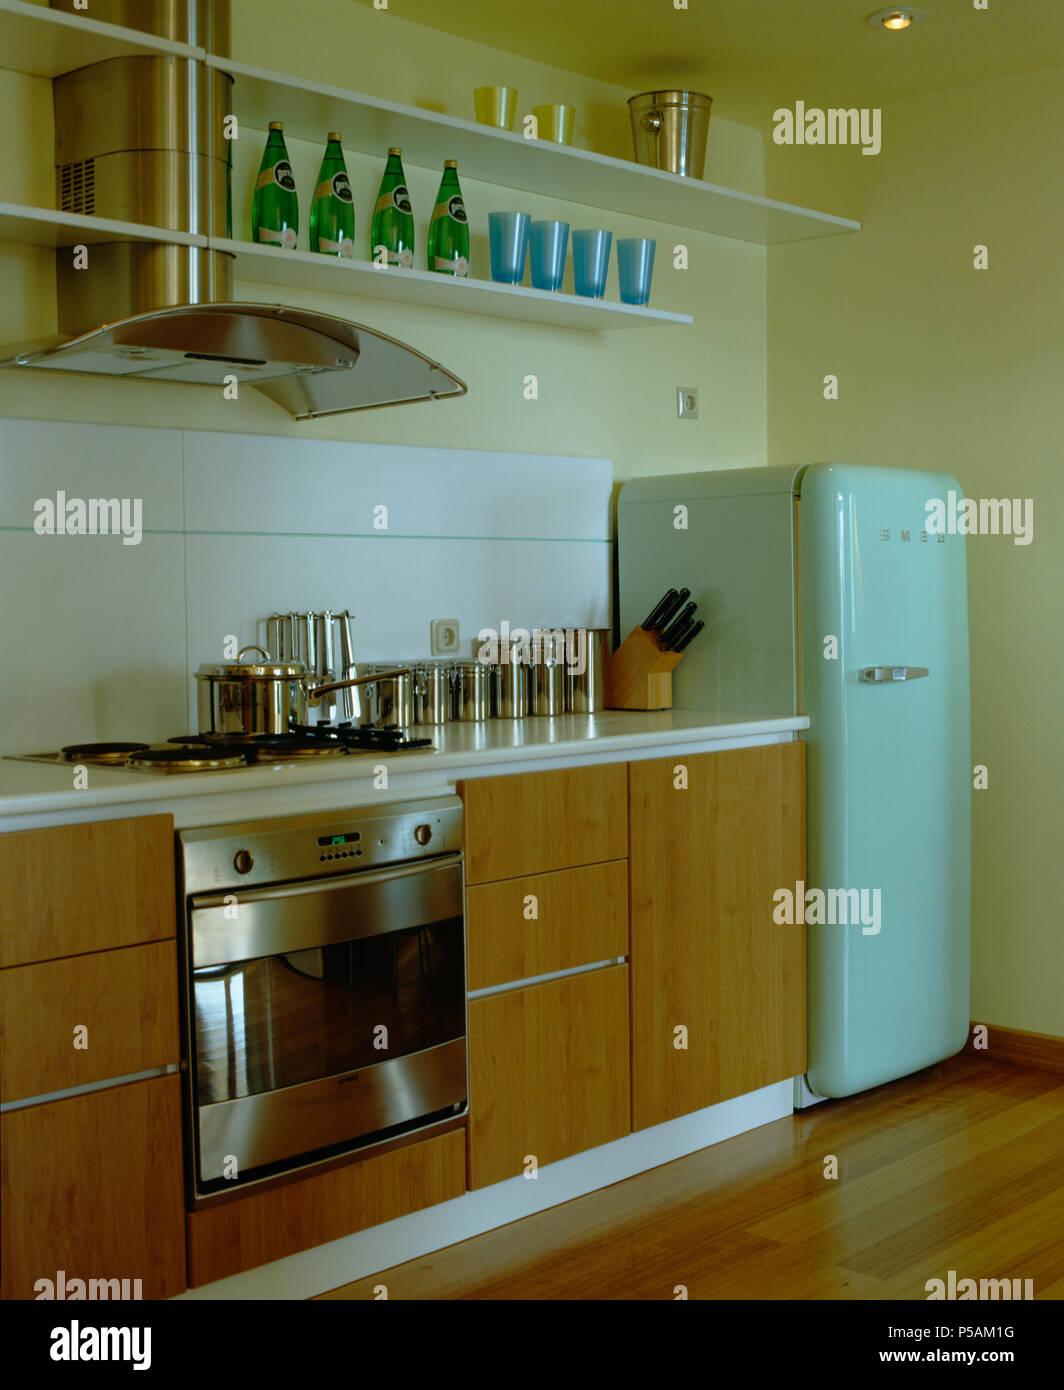 Cucine Moderne Con Frigo Libera Installazione | Cucine Economiche 5 ...